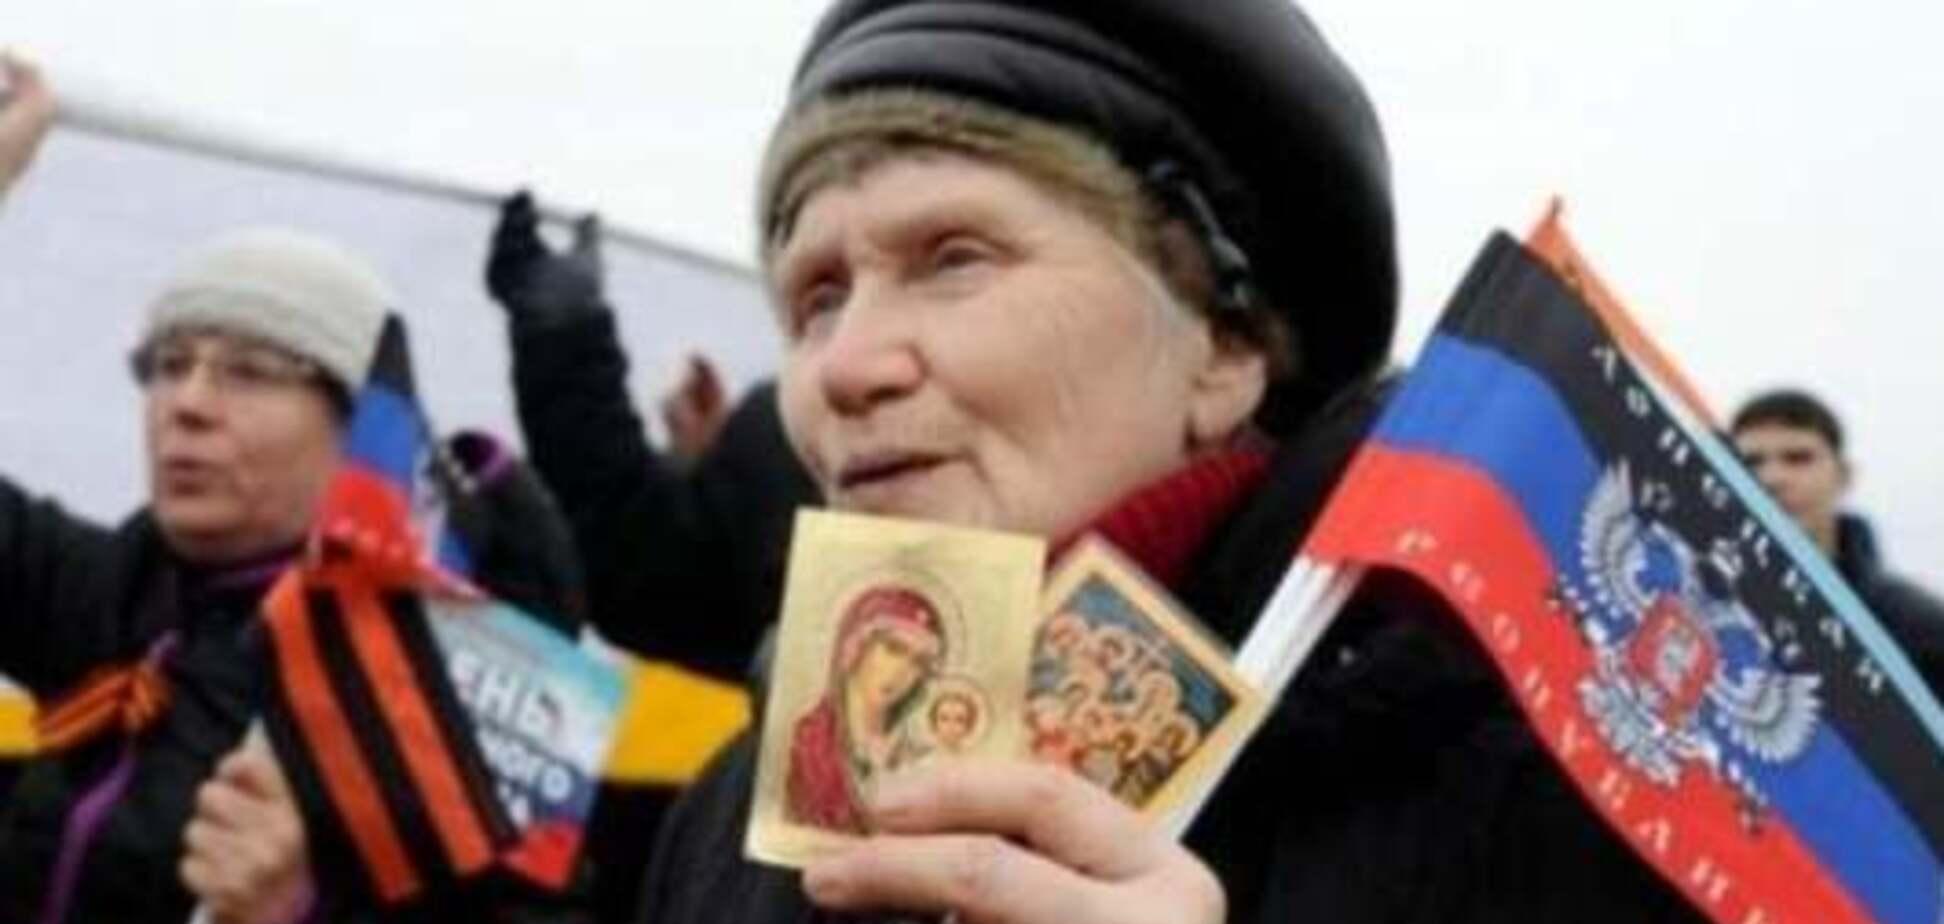 Товарищи россияне, расстегивайте ваши карманы!